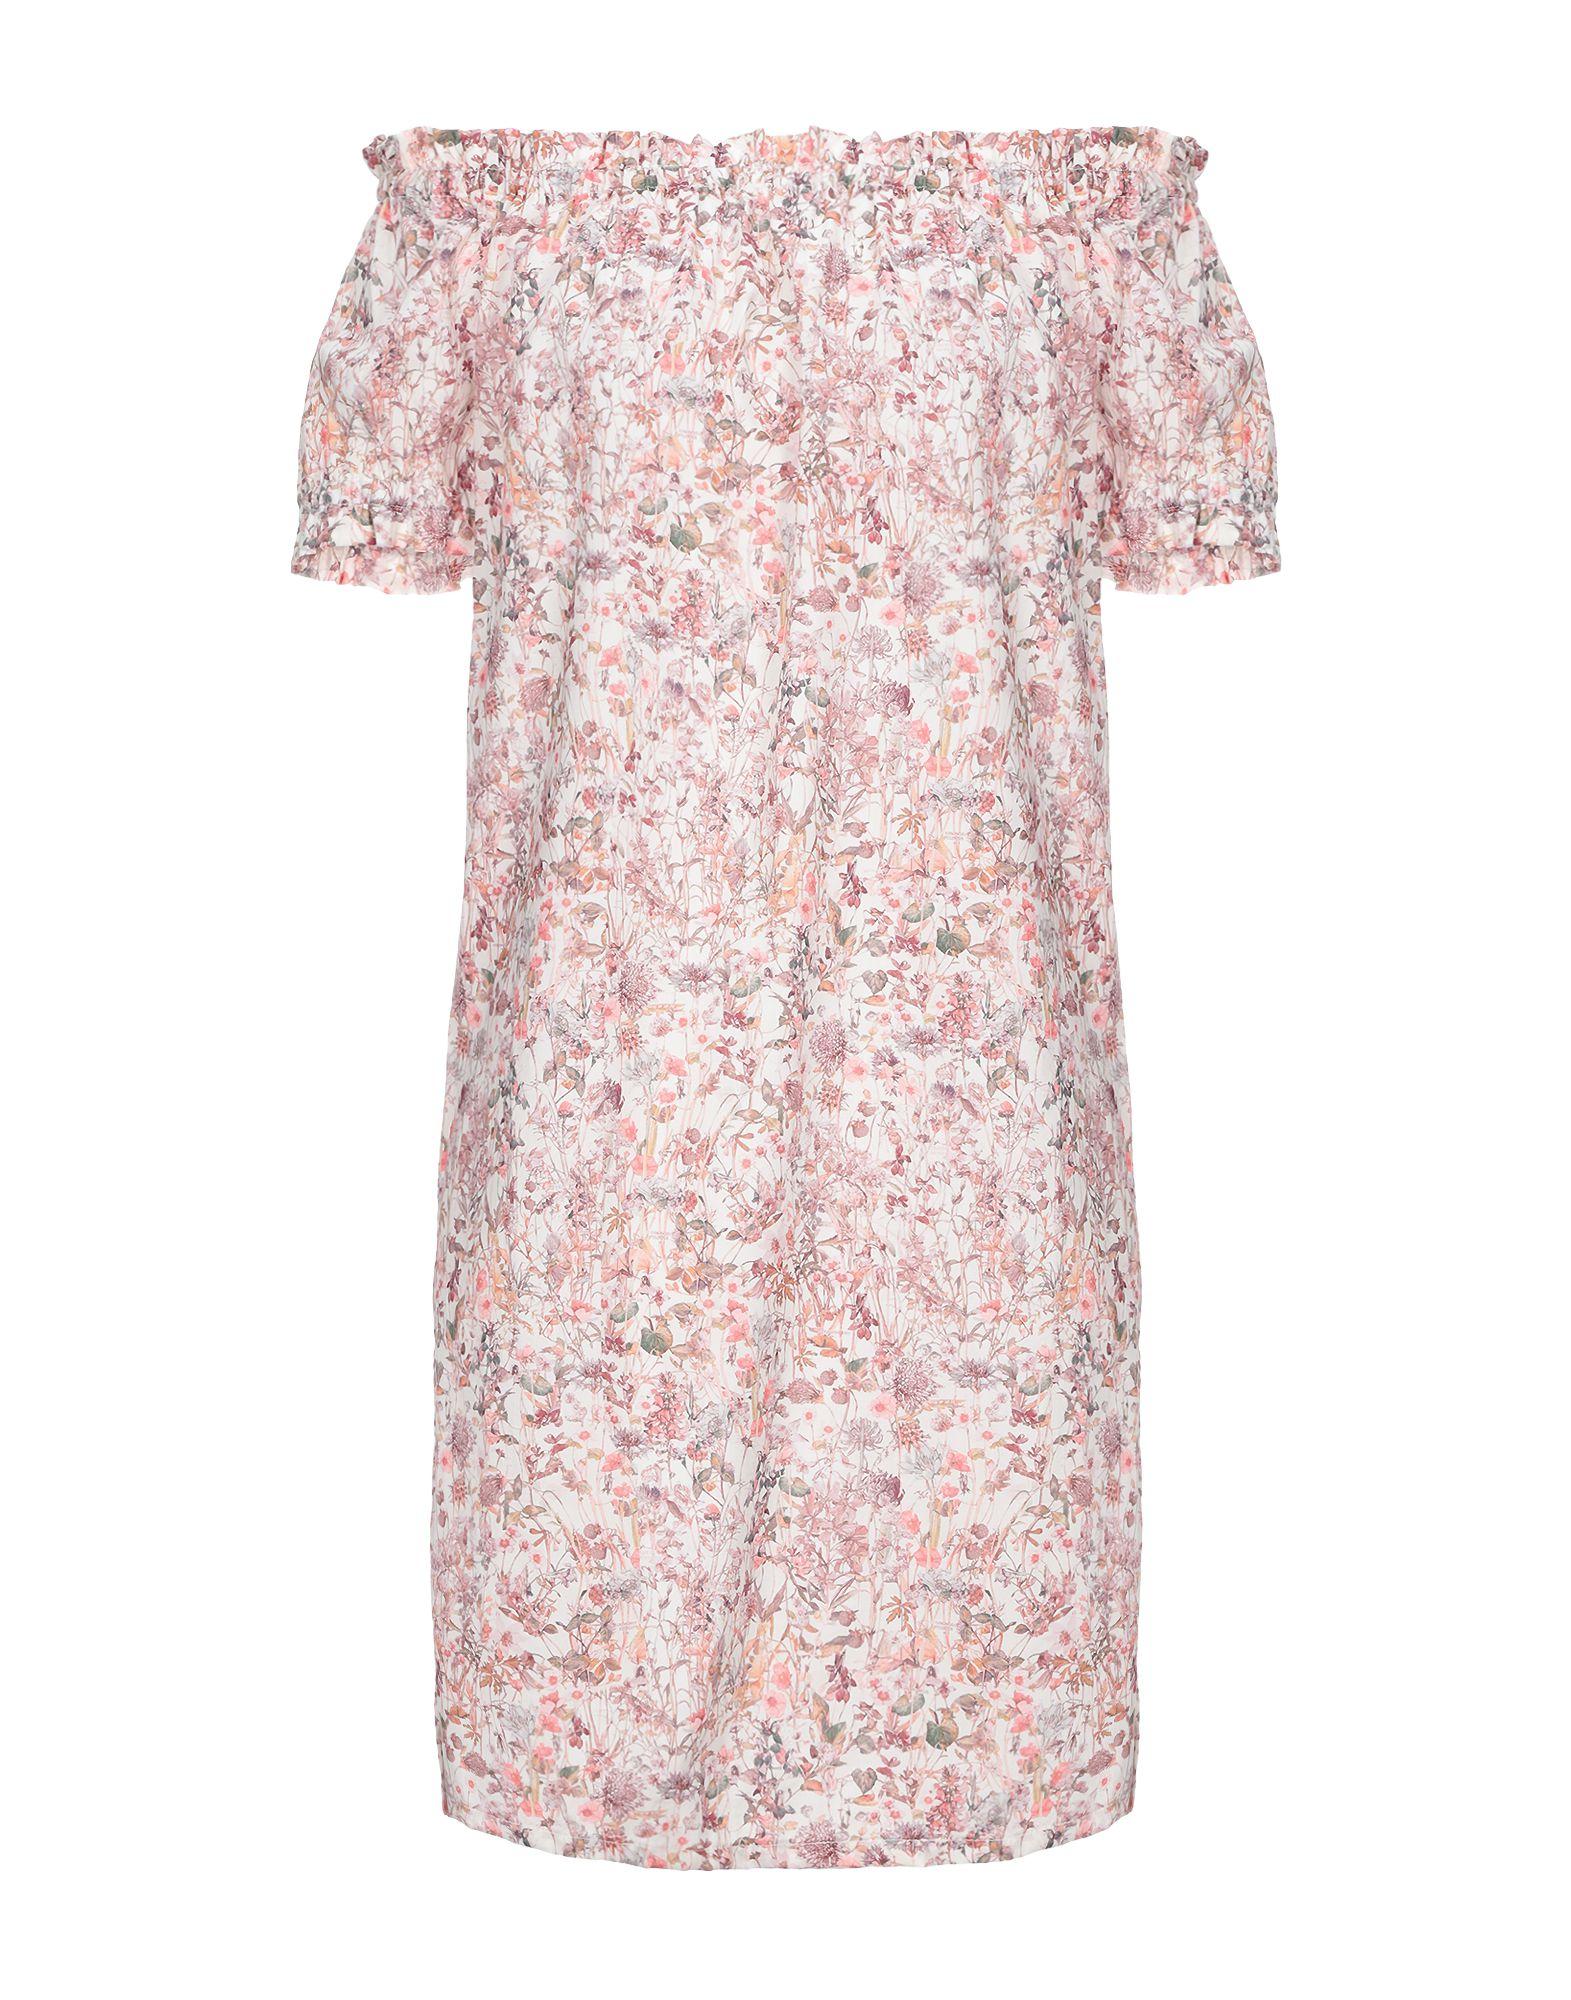 ANTONELLA VALSECCHI Короткое платье